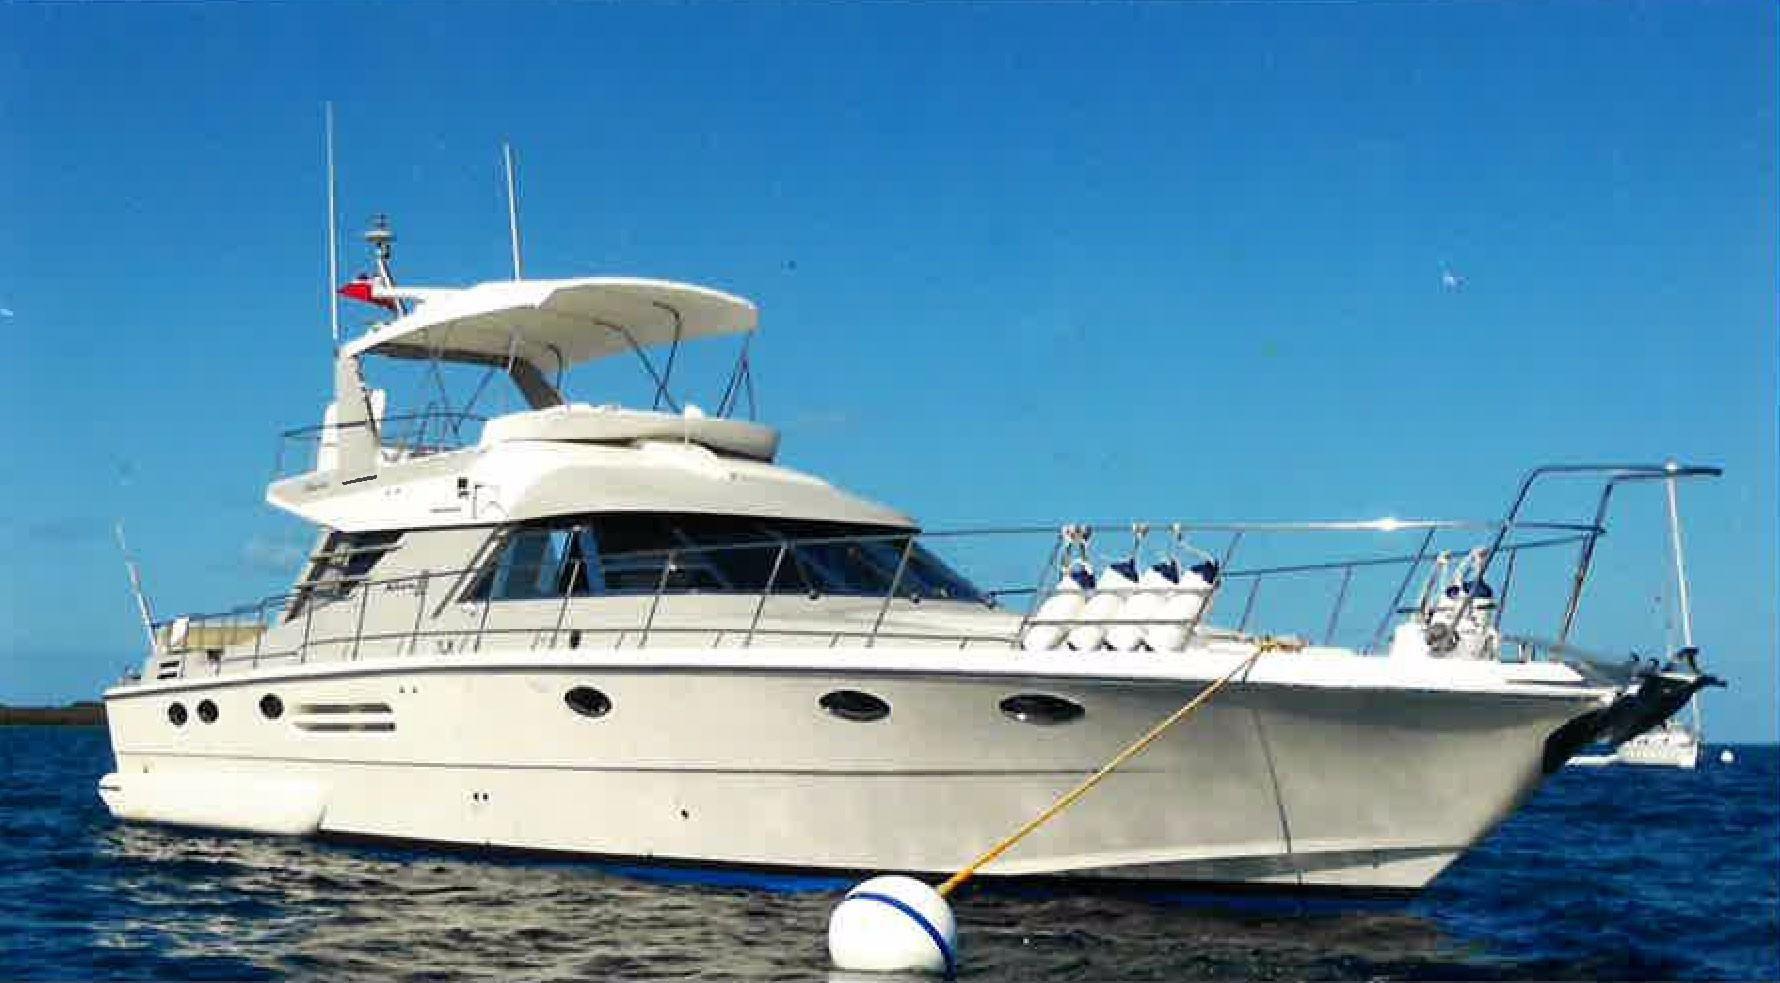 1988 Riva Corsaro Power Boat For Sale